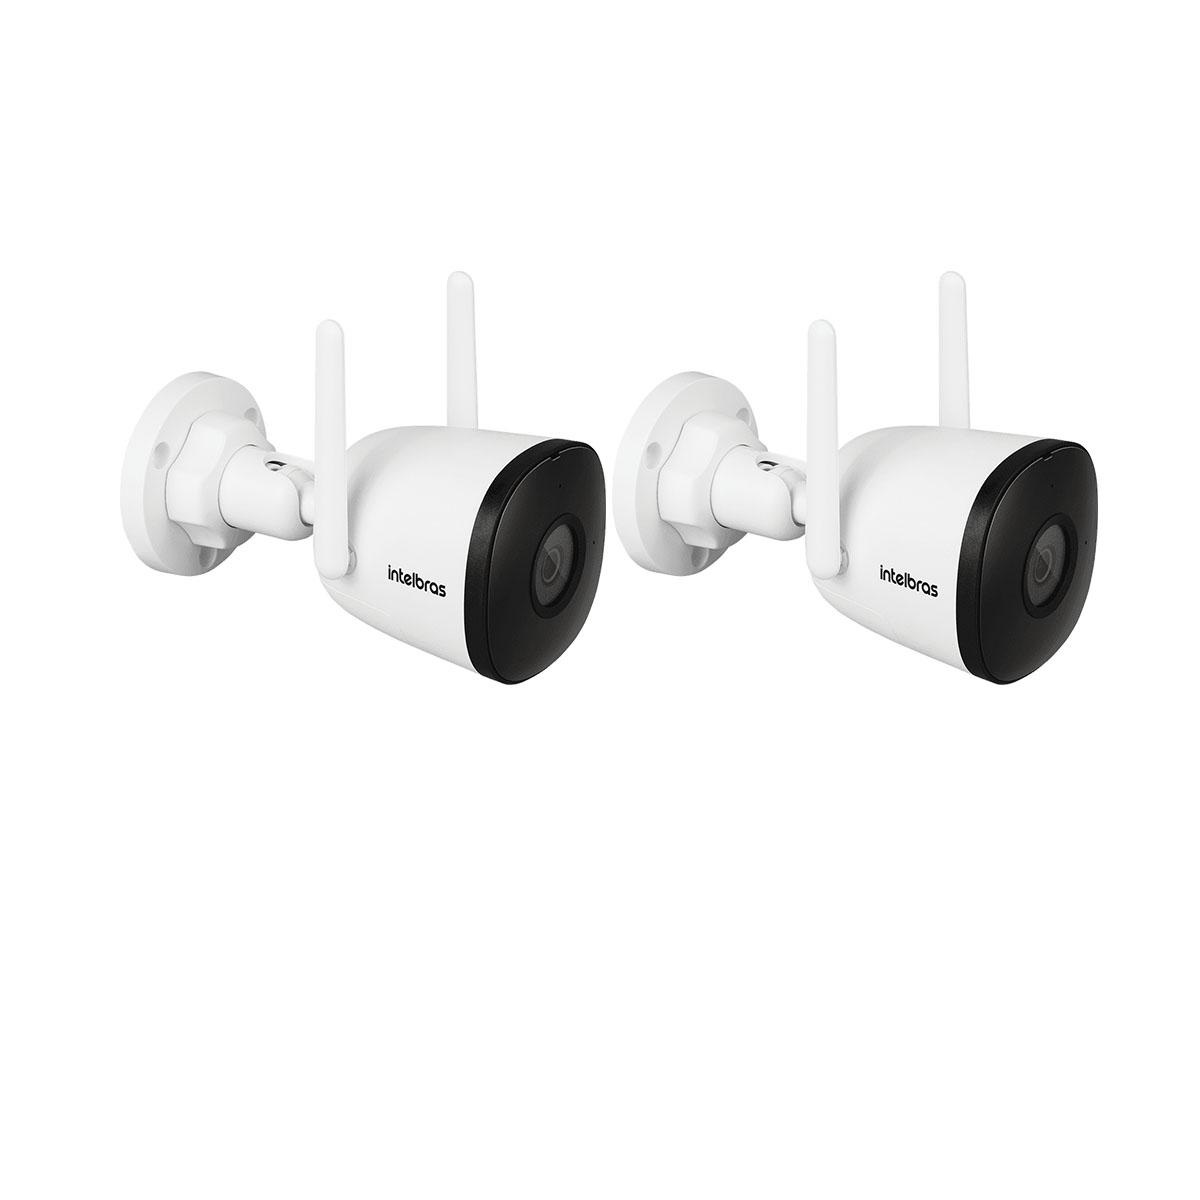 KIT 02 Câmera Intelbras Wi-Fi Full HD iM5 S 1080p 2,8 m